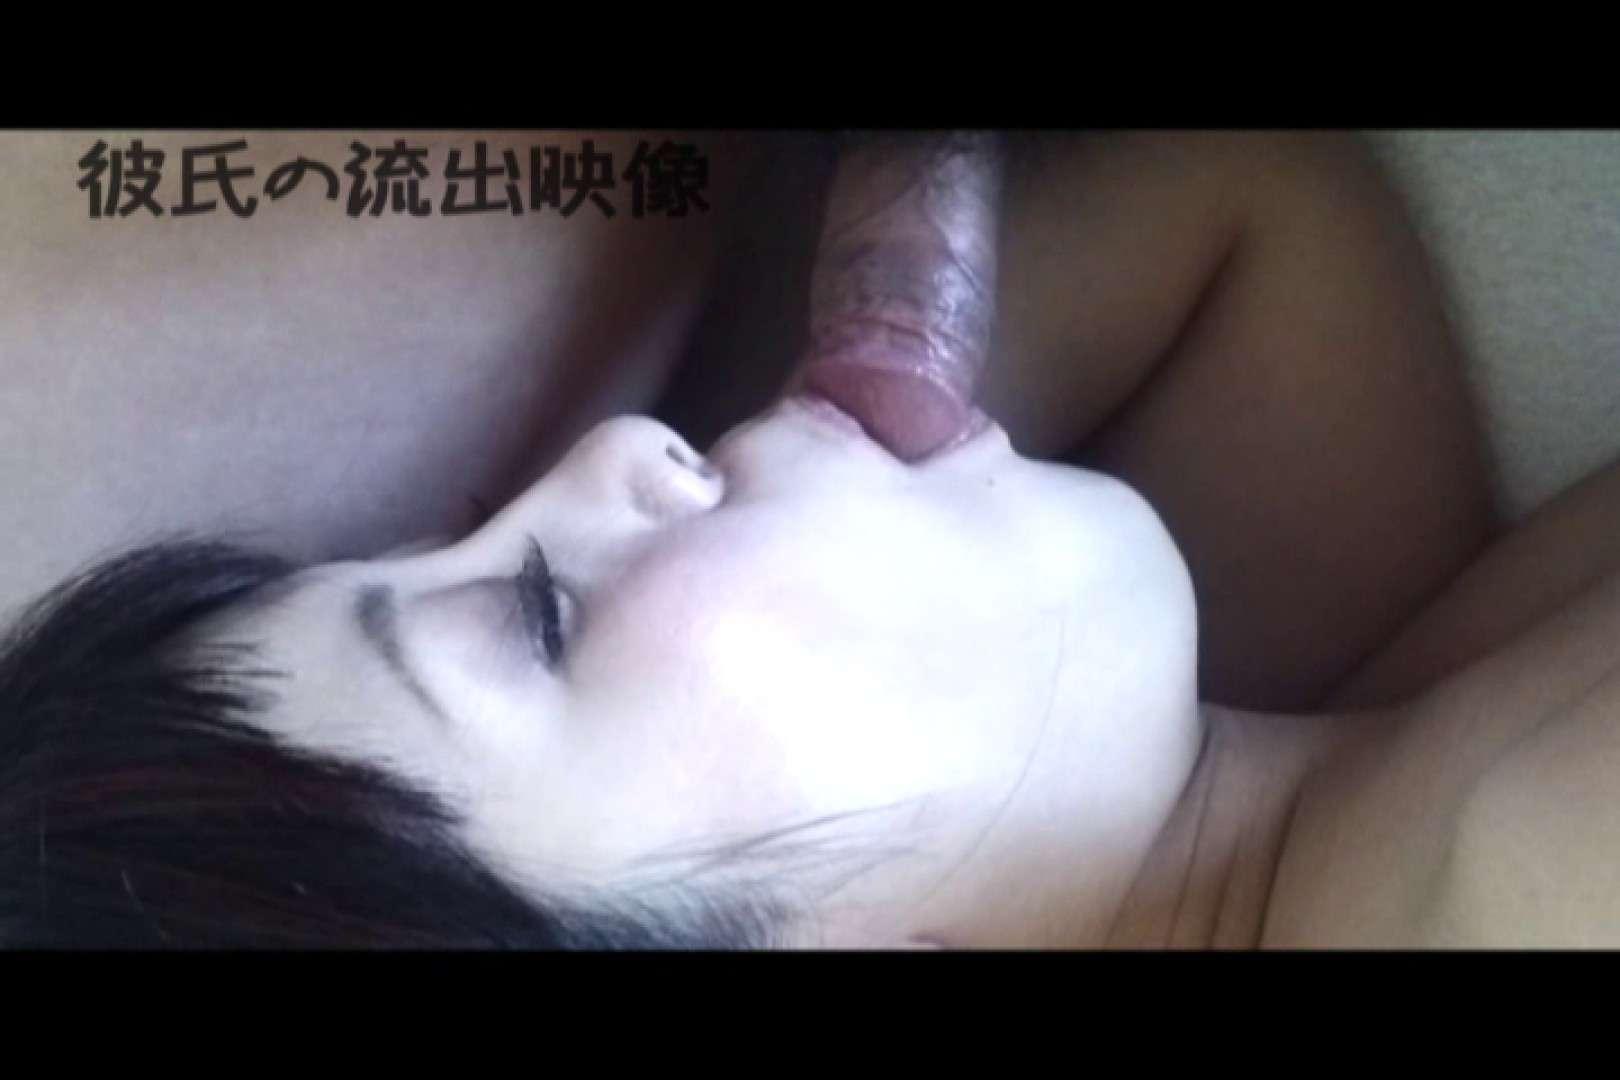 彼氏が流出 パイパン素人嬢のハメ撮り映像03 素人 オマンコ無修正動画無料 81pic 74